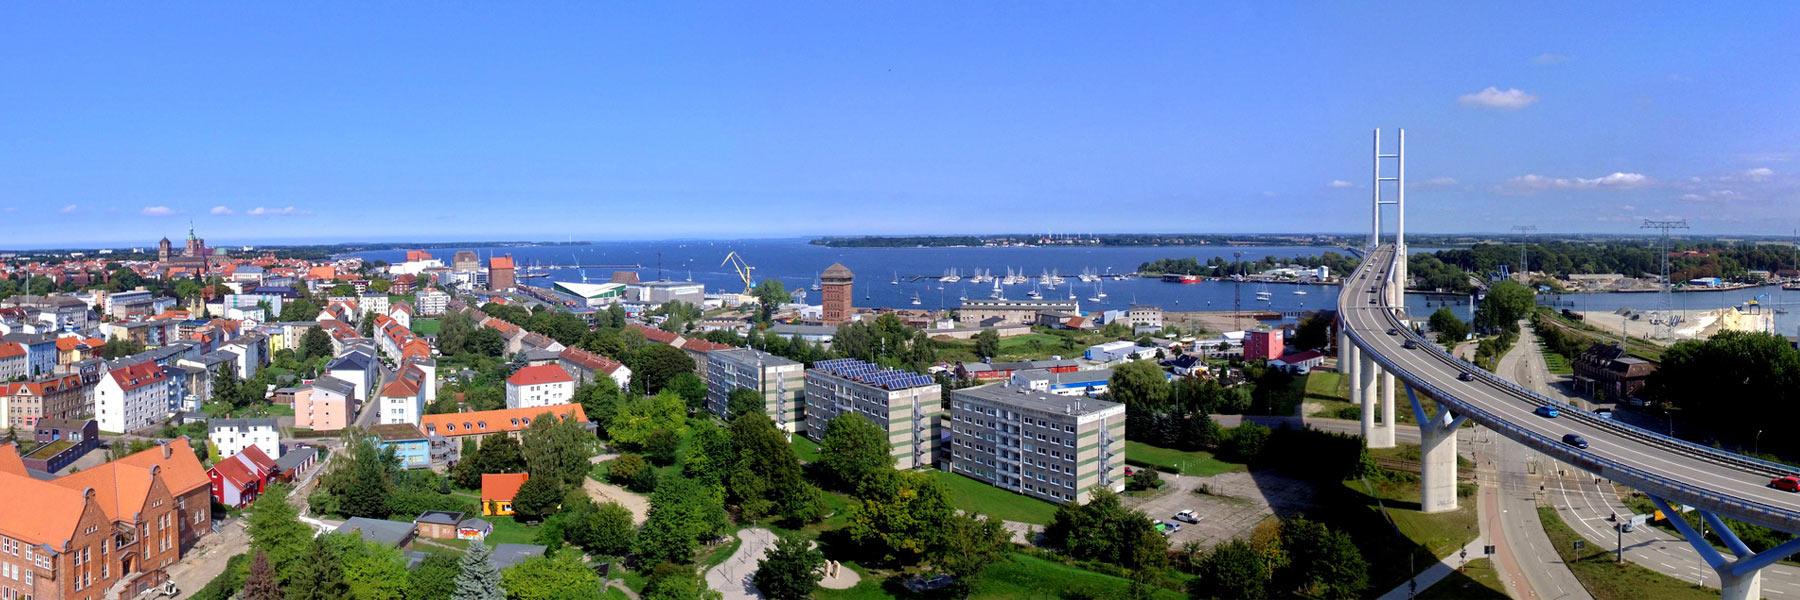 Rügendamm - Hansestadt Stralsund